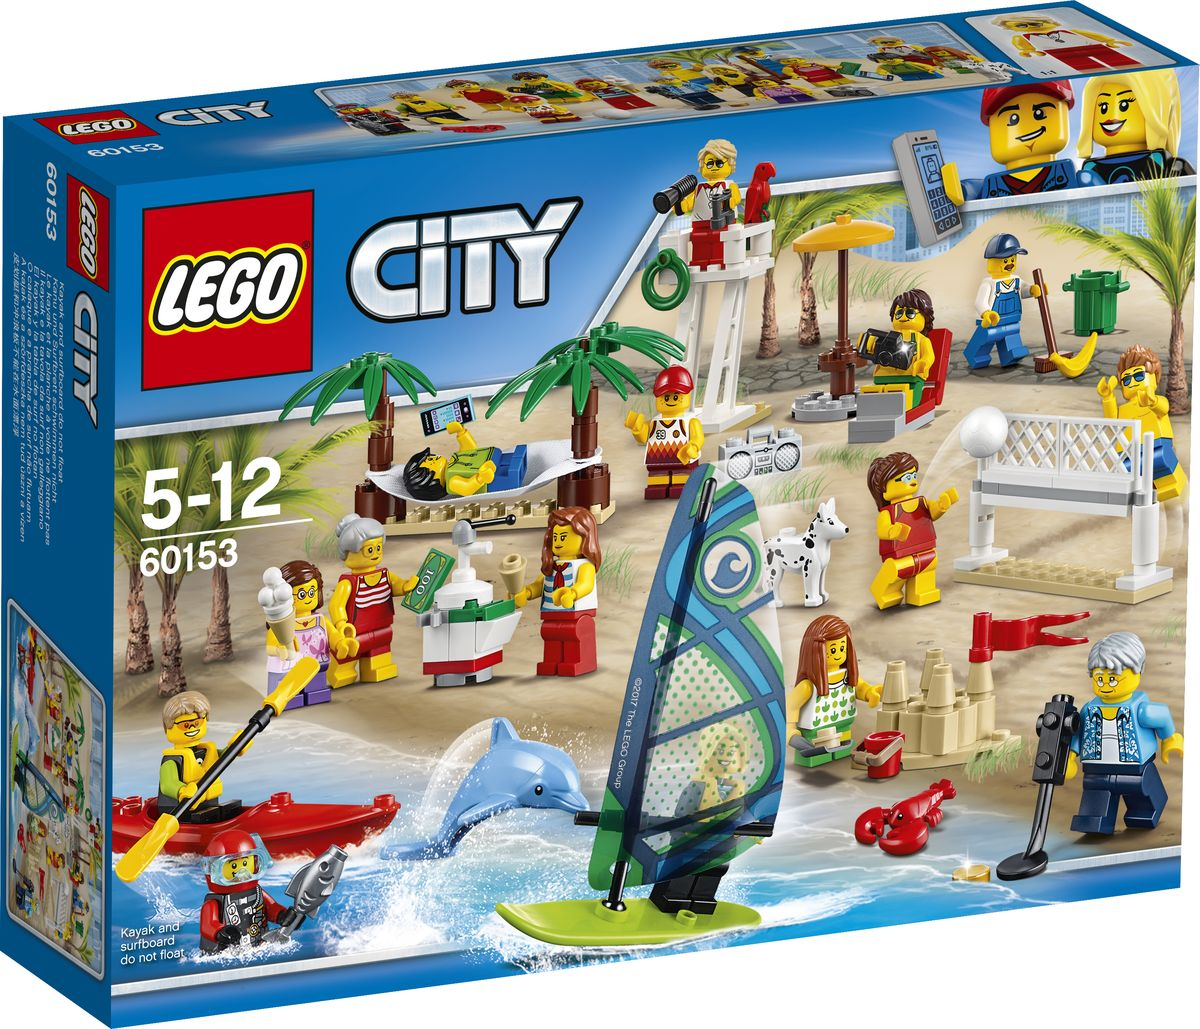 LEGO City Town Конструктор Отдых на пляже Жители LEGO City 60153 lego city town конструктор отдых на пляже жители lego city 60153